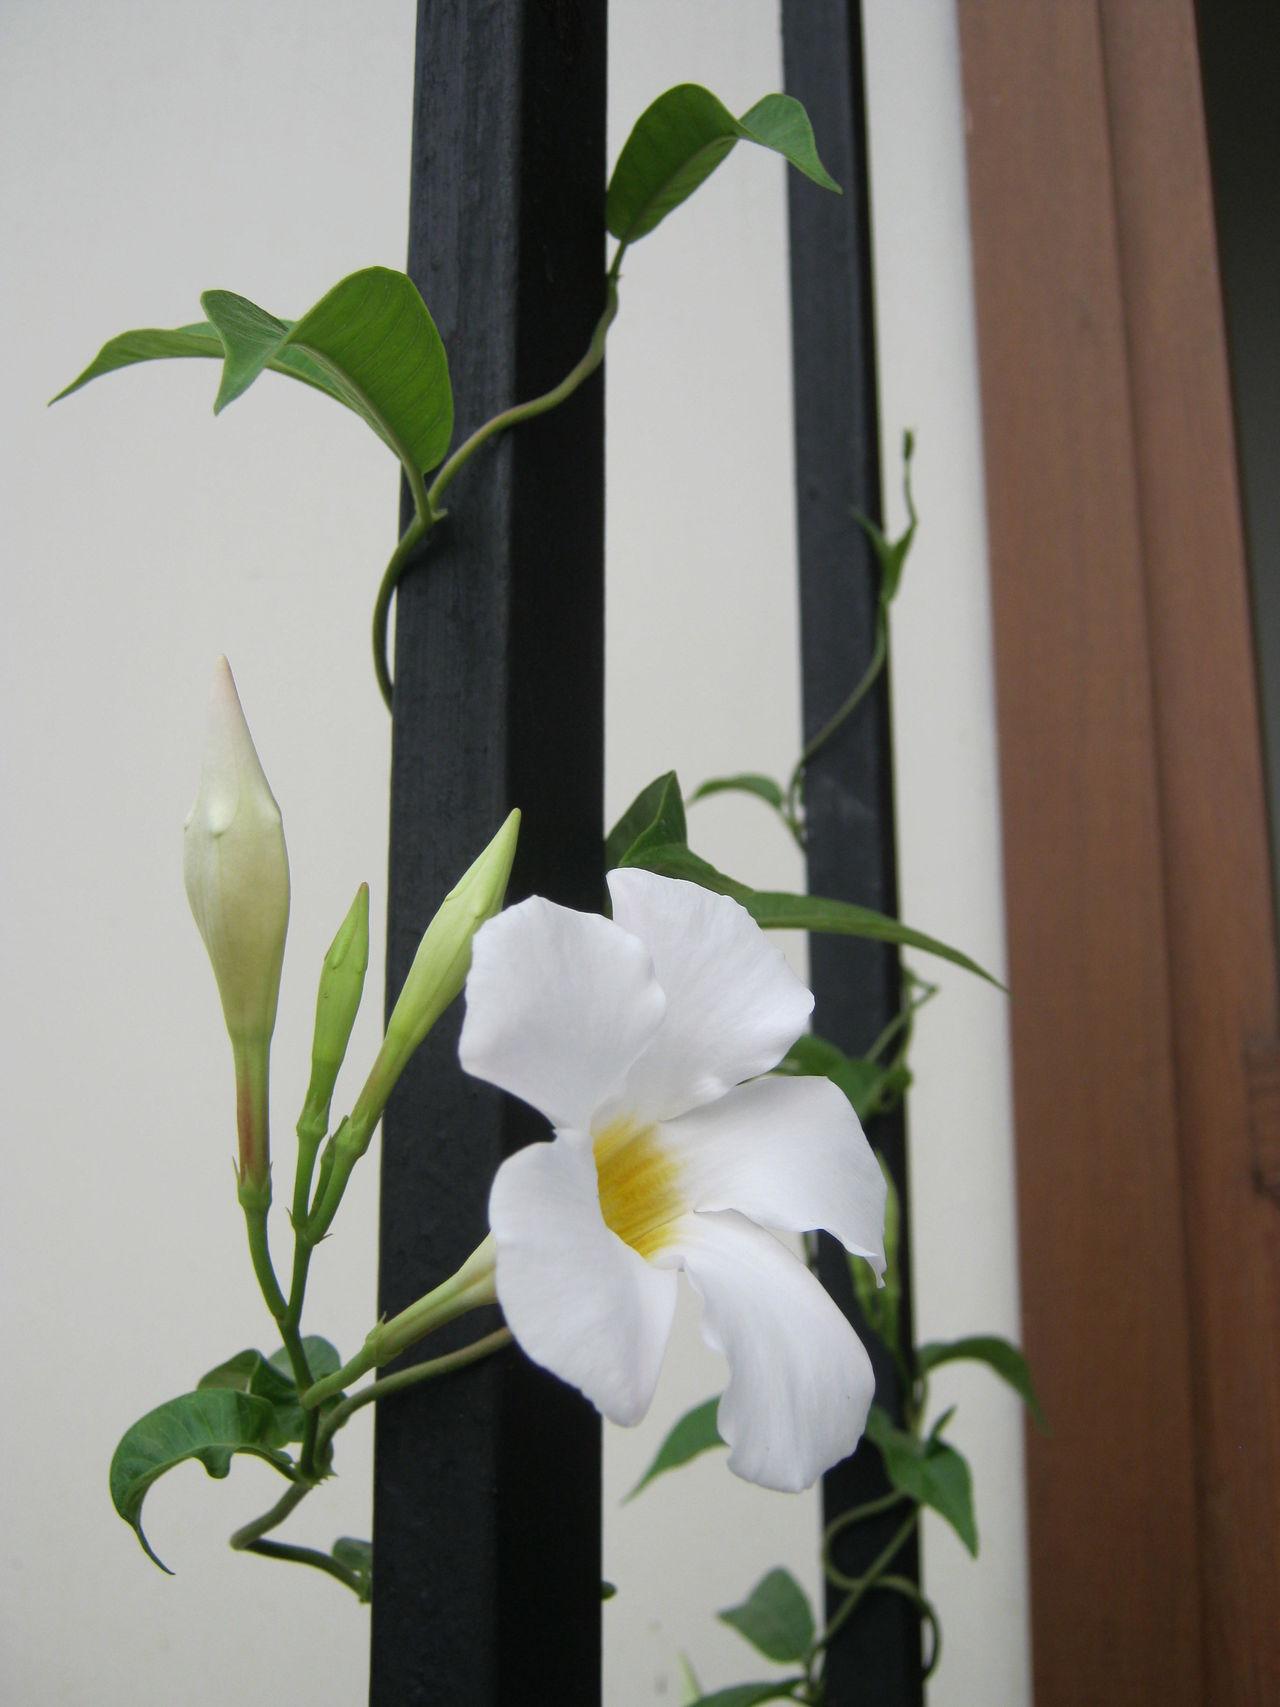 Original Photography Fresh Flowers Home Exterior White Flower